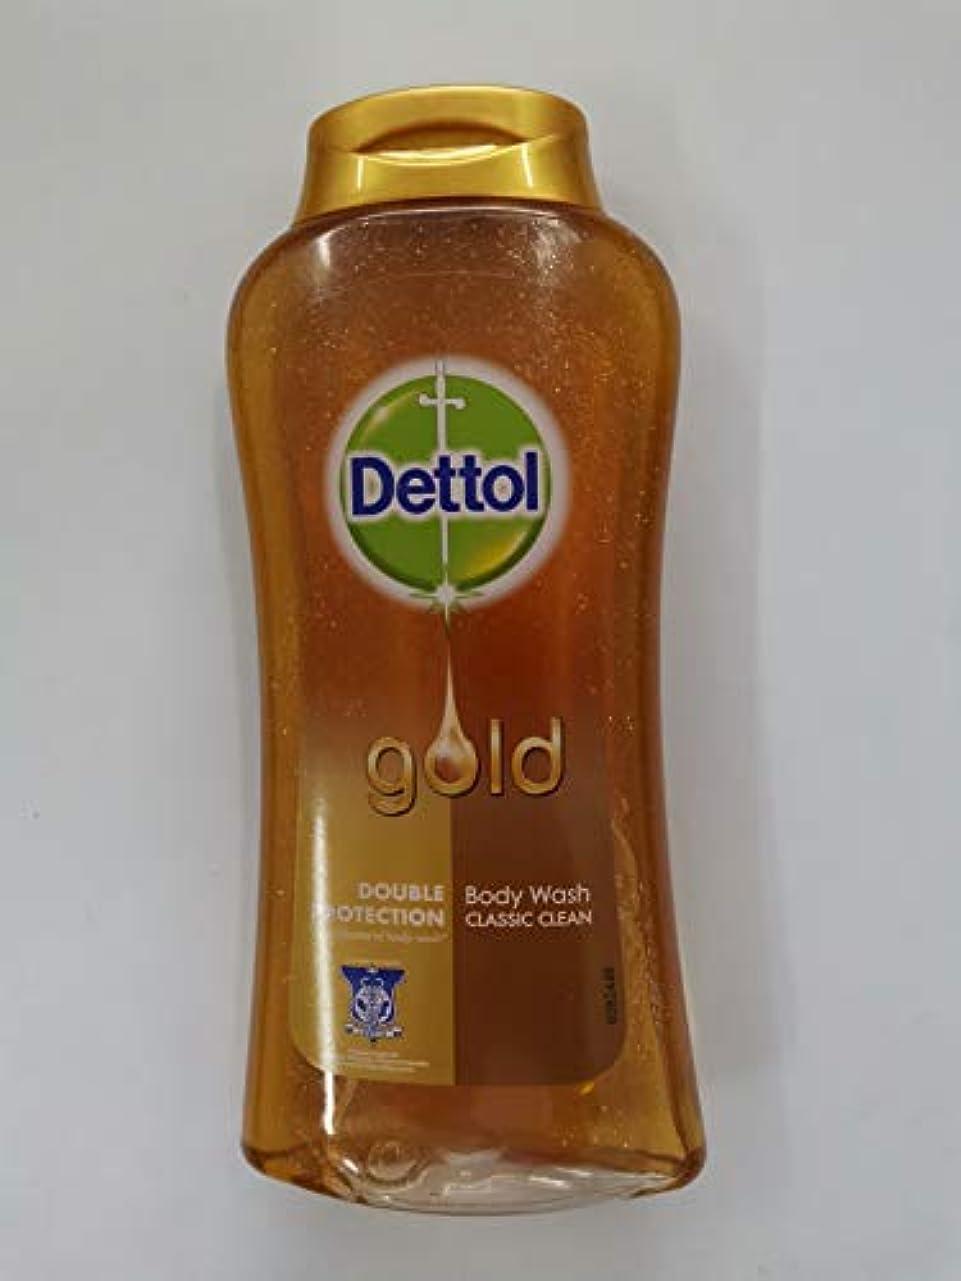 いとこバリアにDettol クラシッククリーンボディローション250ミリリットル - 細菌非食用風呂-kills 99.9% - 毎日の細菌を防ぎます